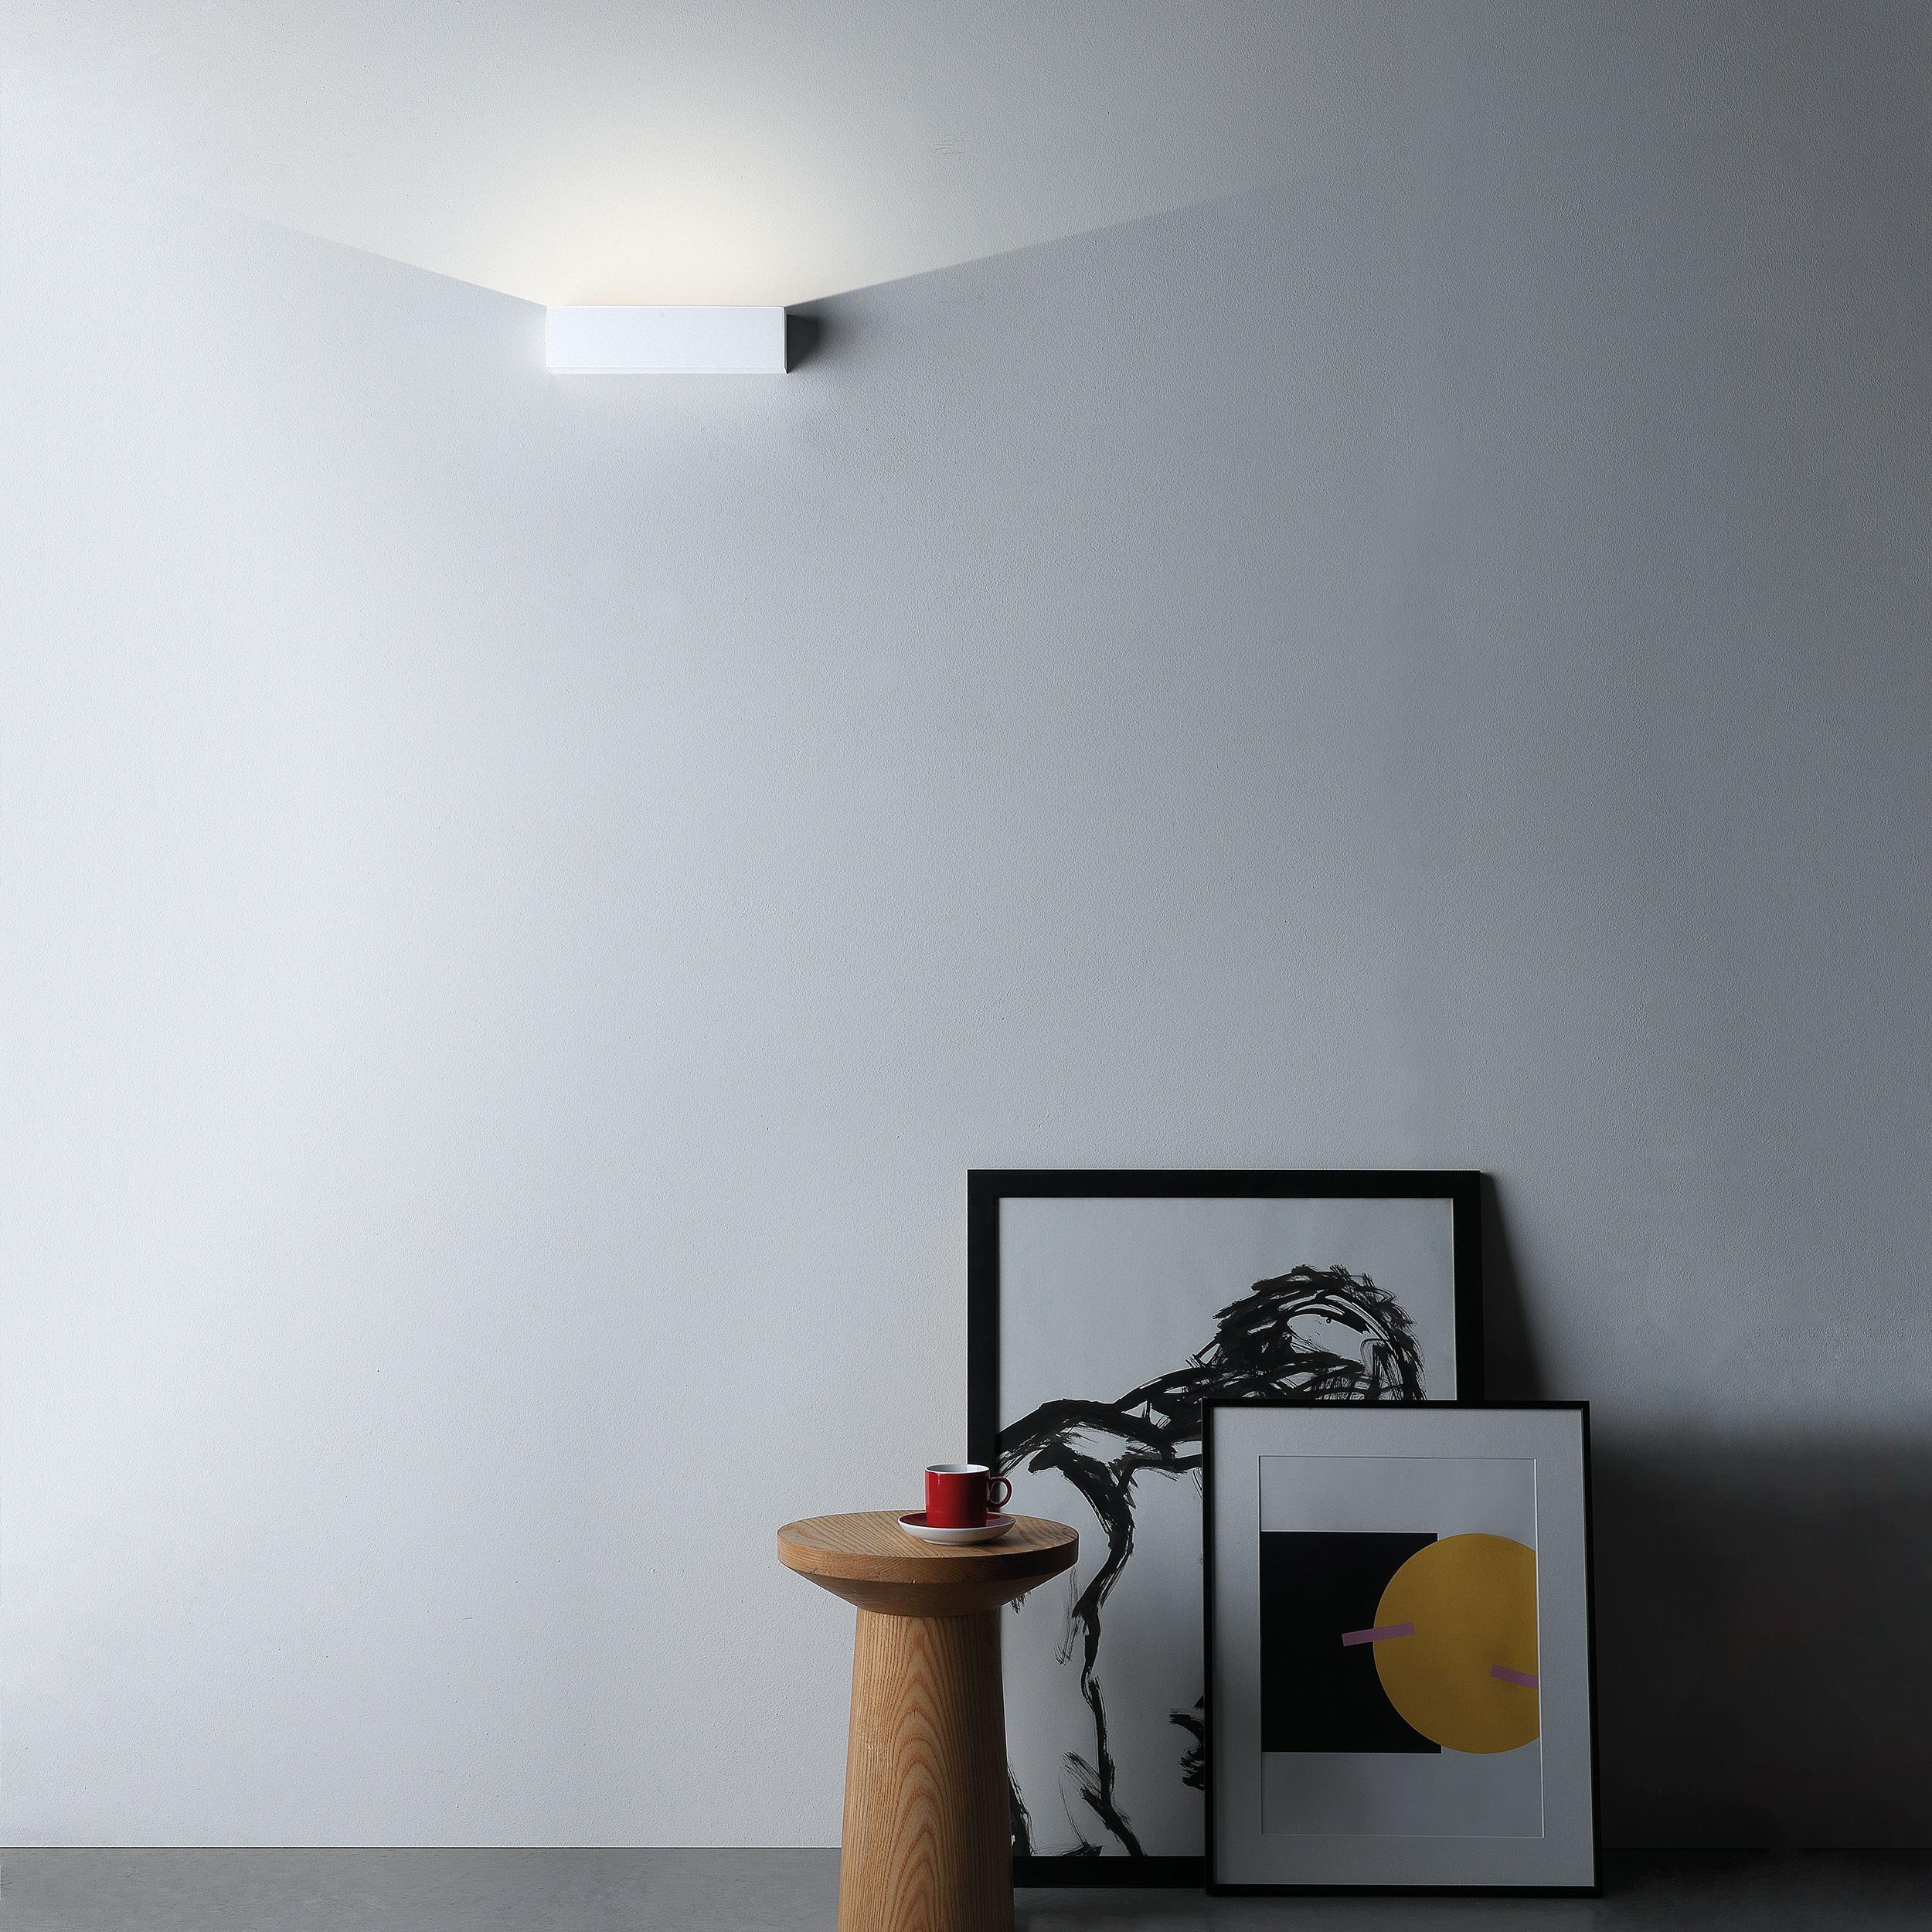 Настенный светодиодный светильник Astro Parma 1187015 (7599), LED 8,7W 2700K 319lm CRI80, белый, под покраску, гипс - фото 3